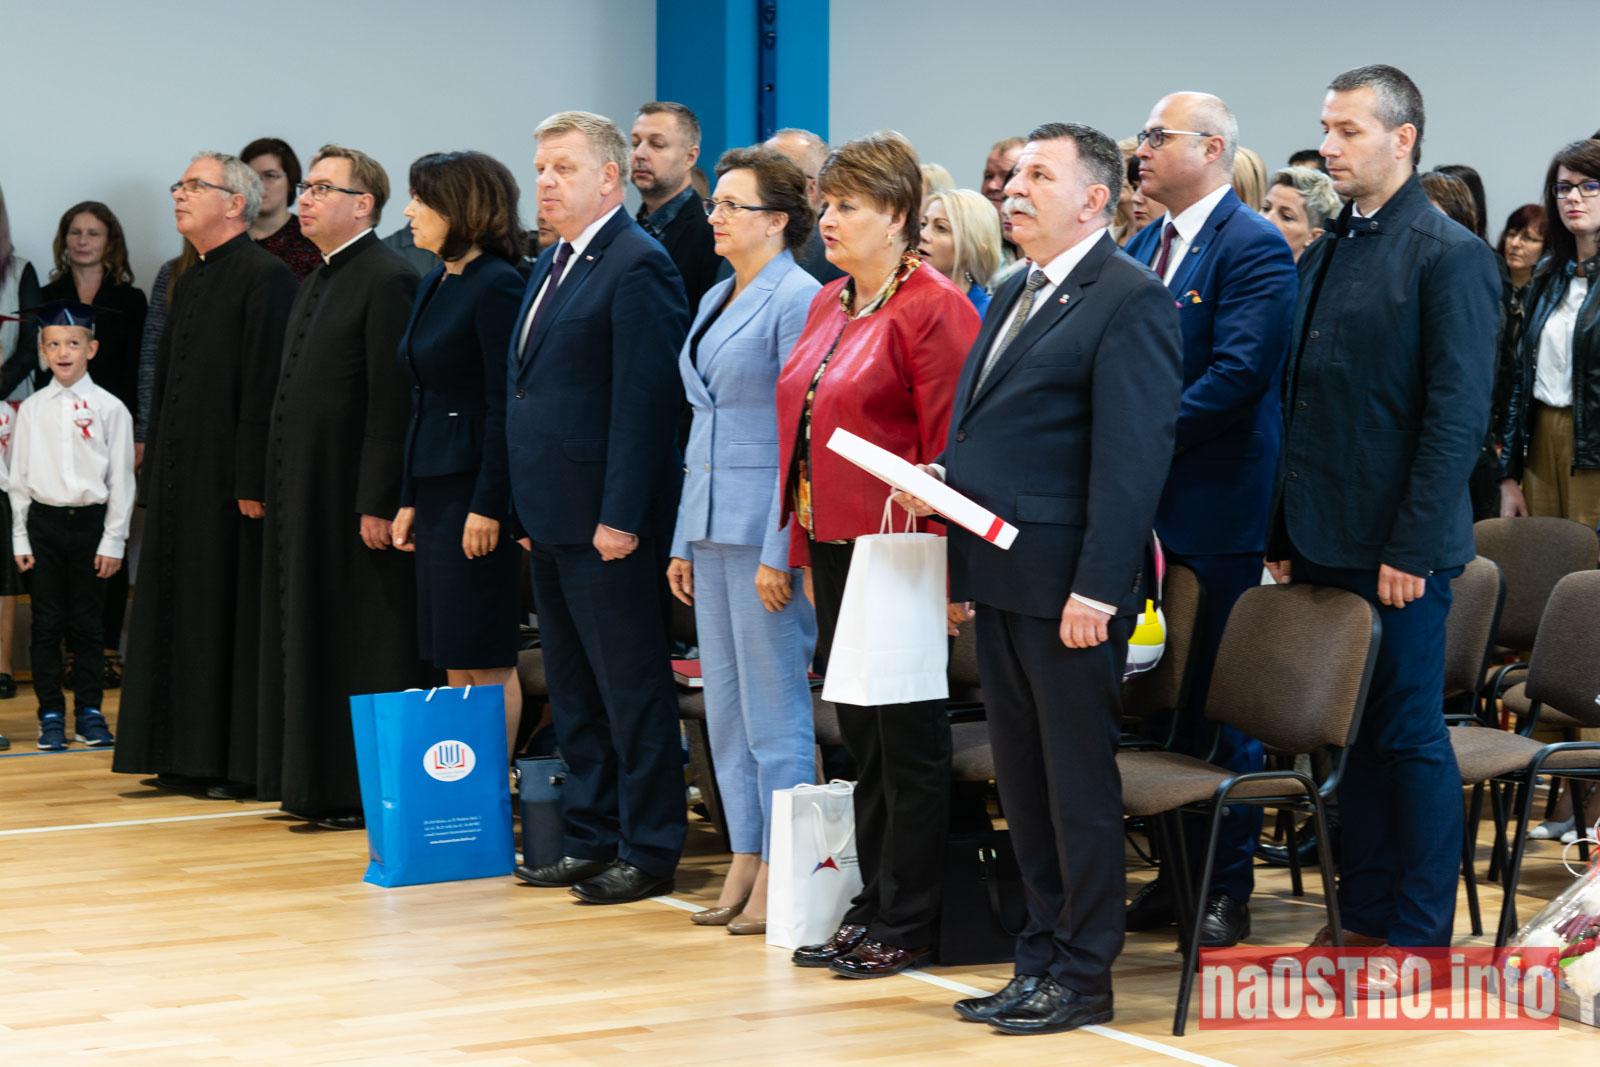 NaOSTRO Otwarcie Szkoły w Bałtowie-126